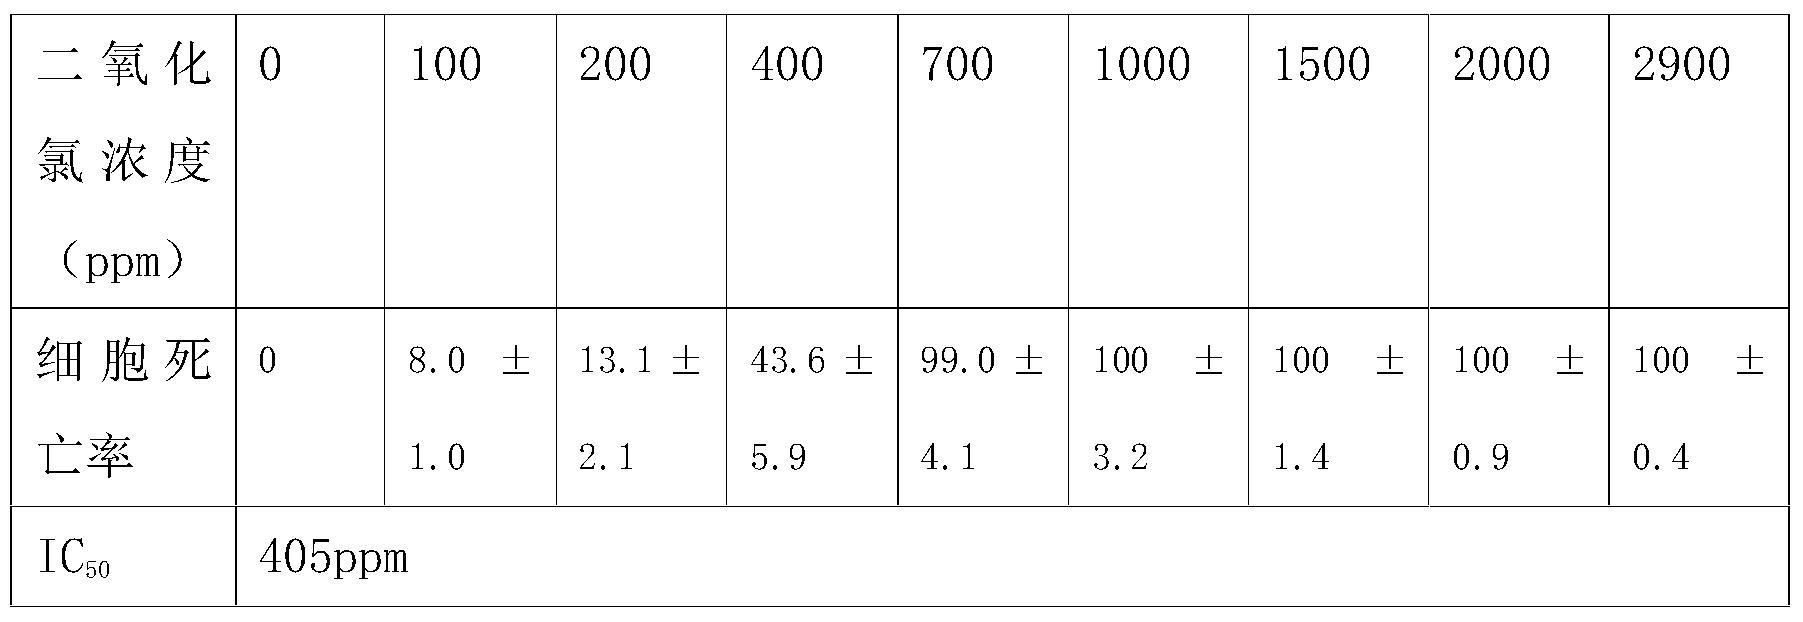 Figure PCTCN2014091047-appb-000010